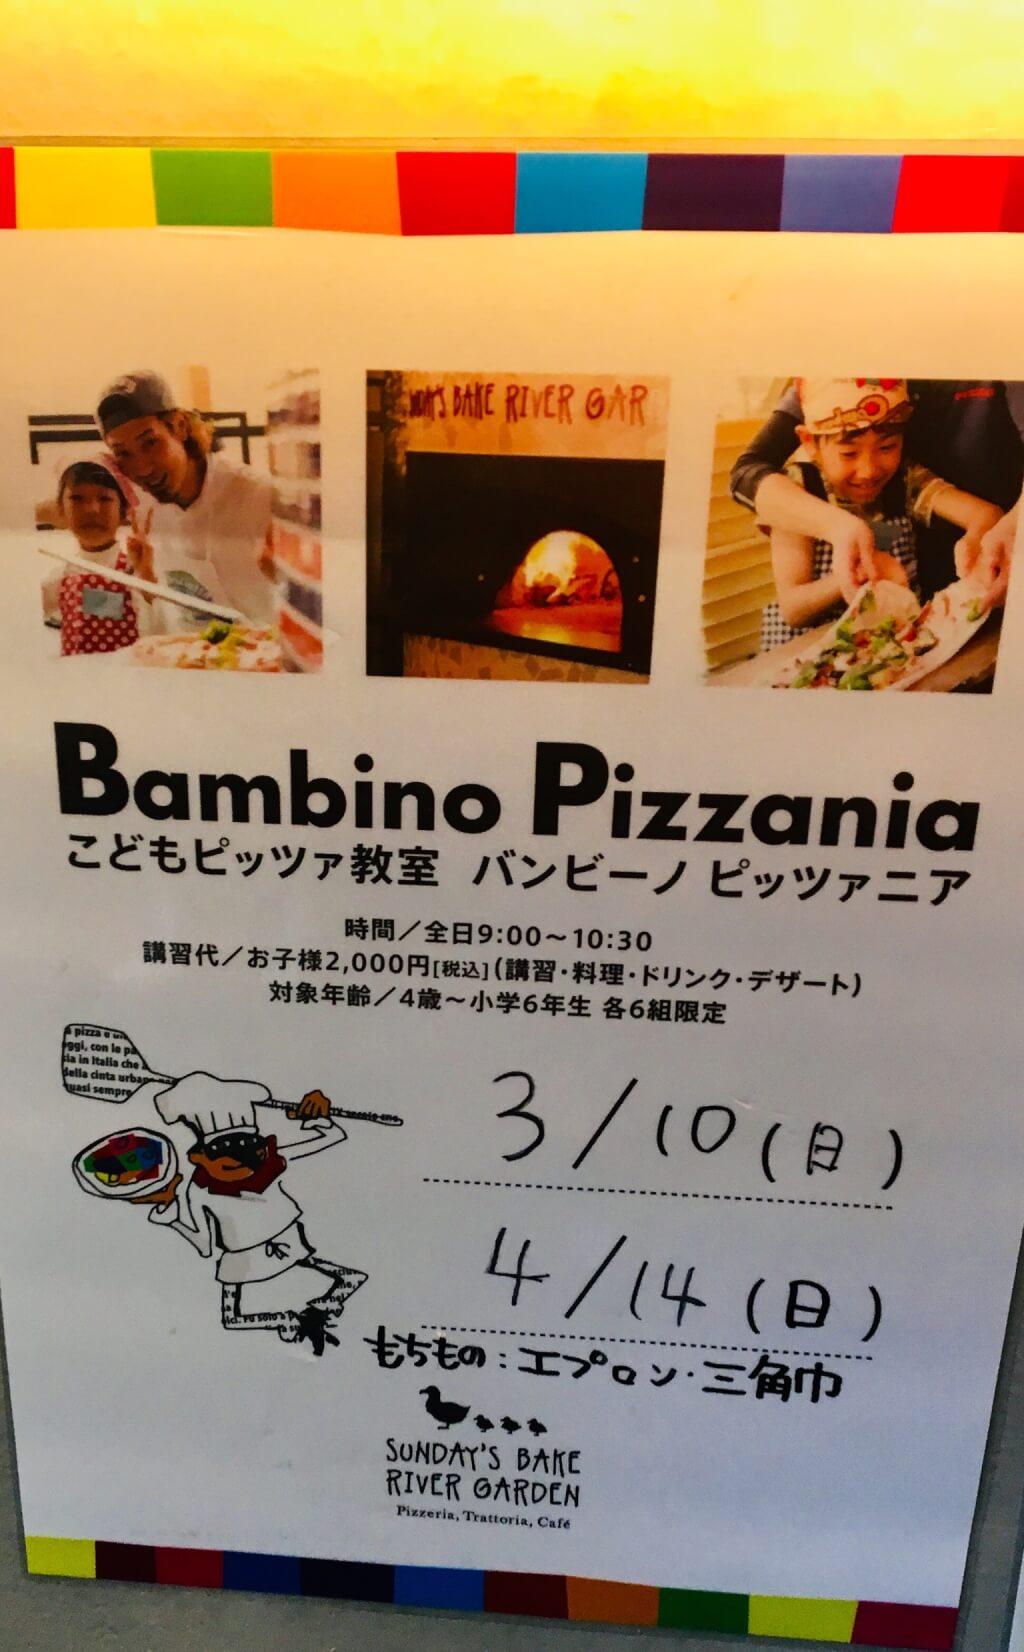 pizza kyoushitsu